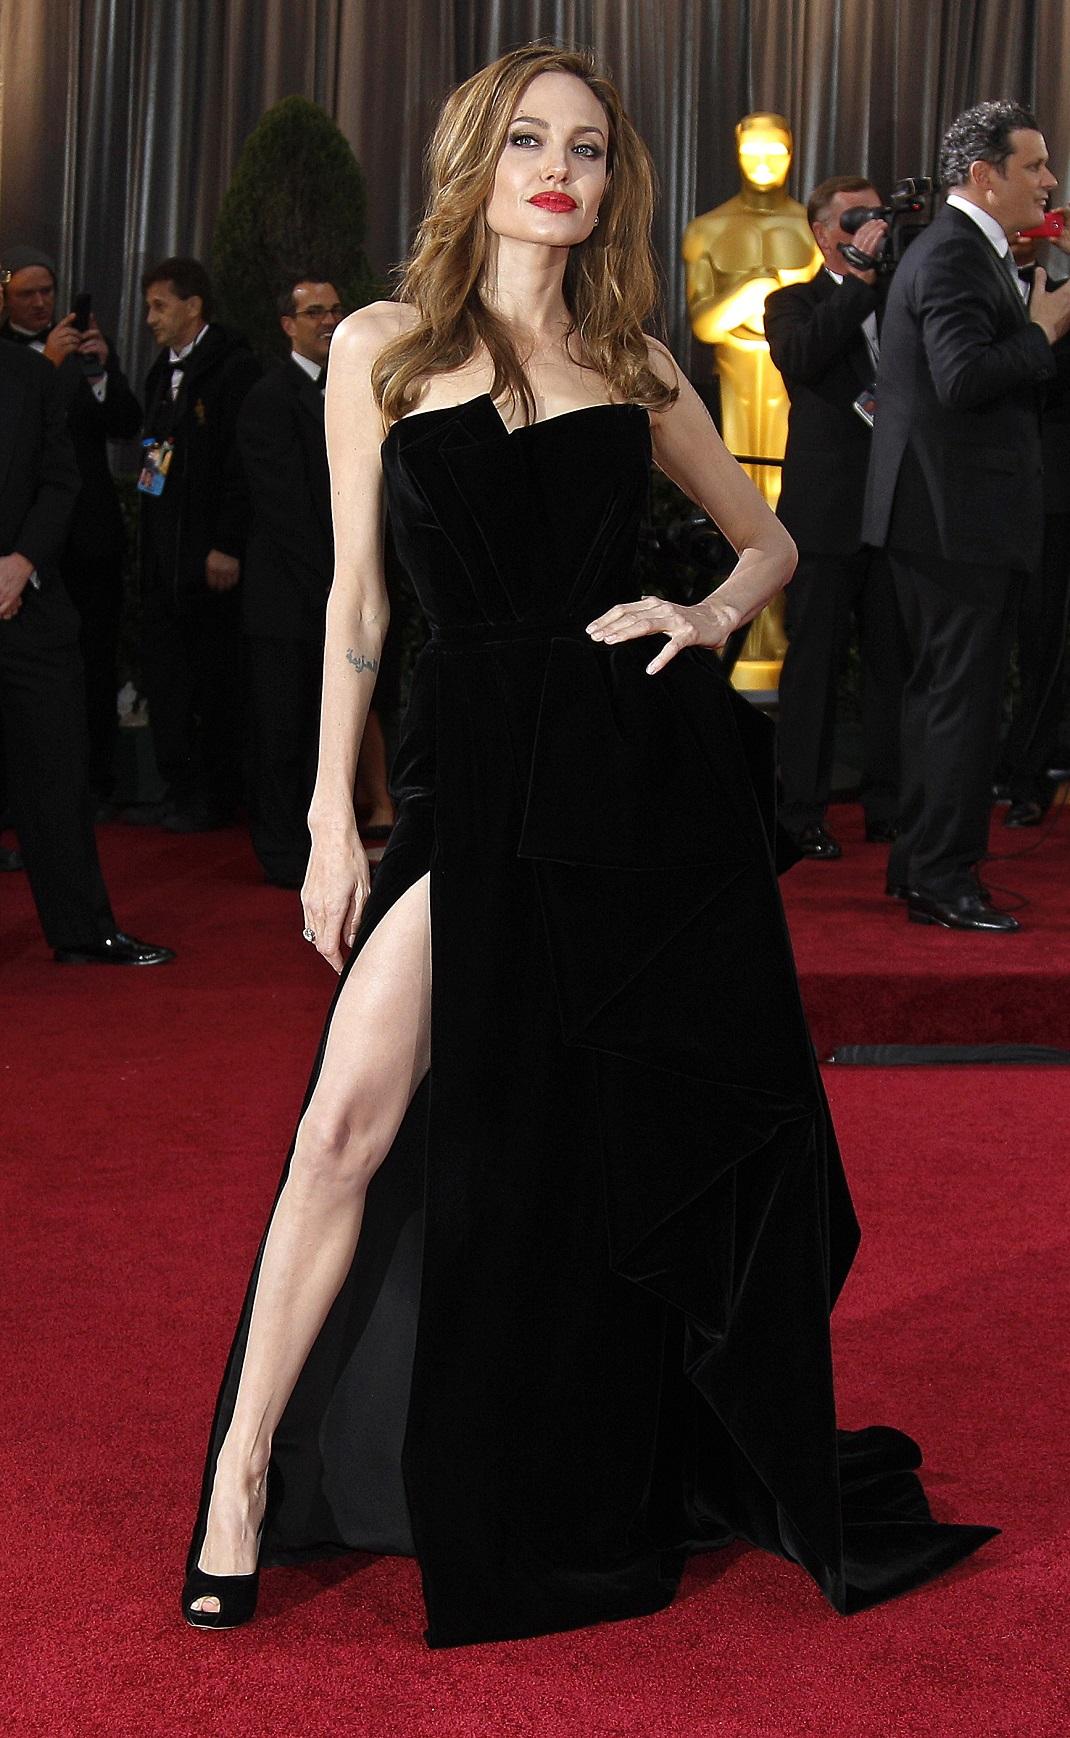 Η Αντζελίνα Τζολί με μαύρο φόρεμα στα Όσκαρ